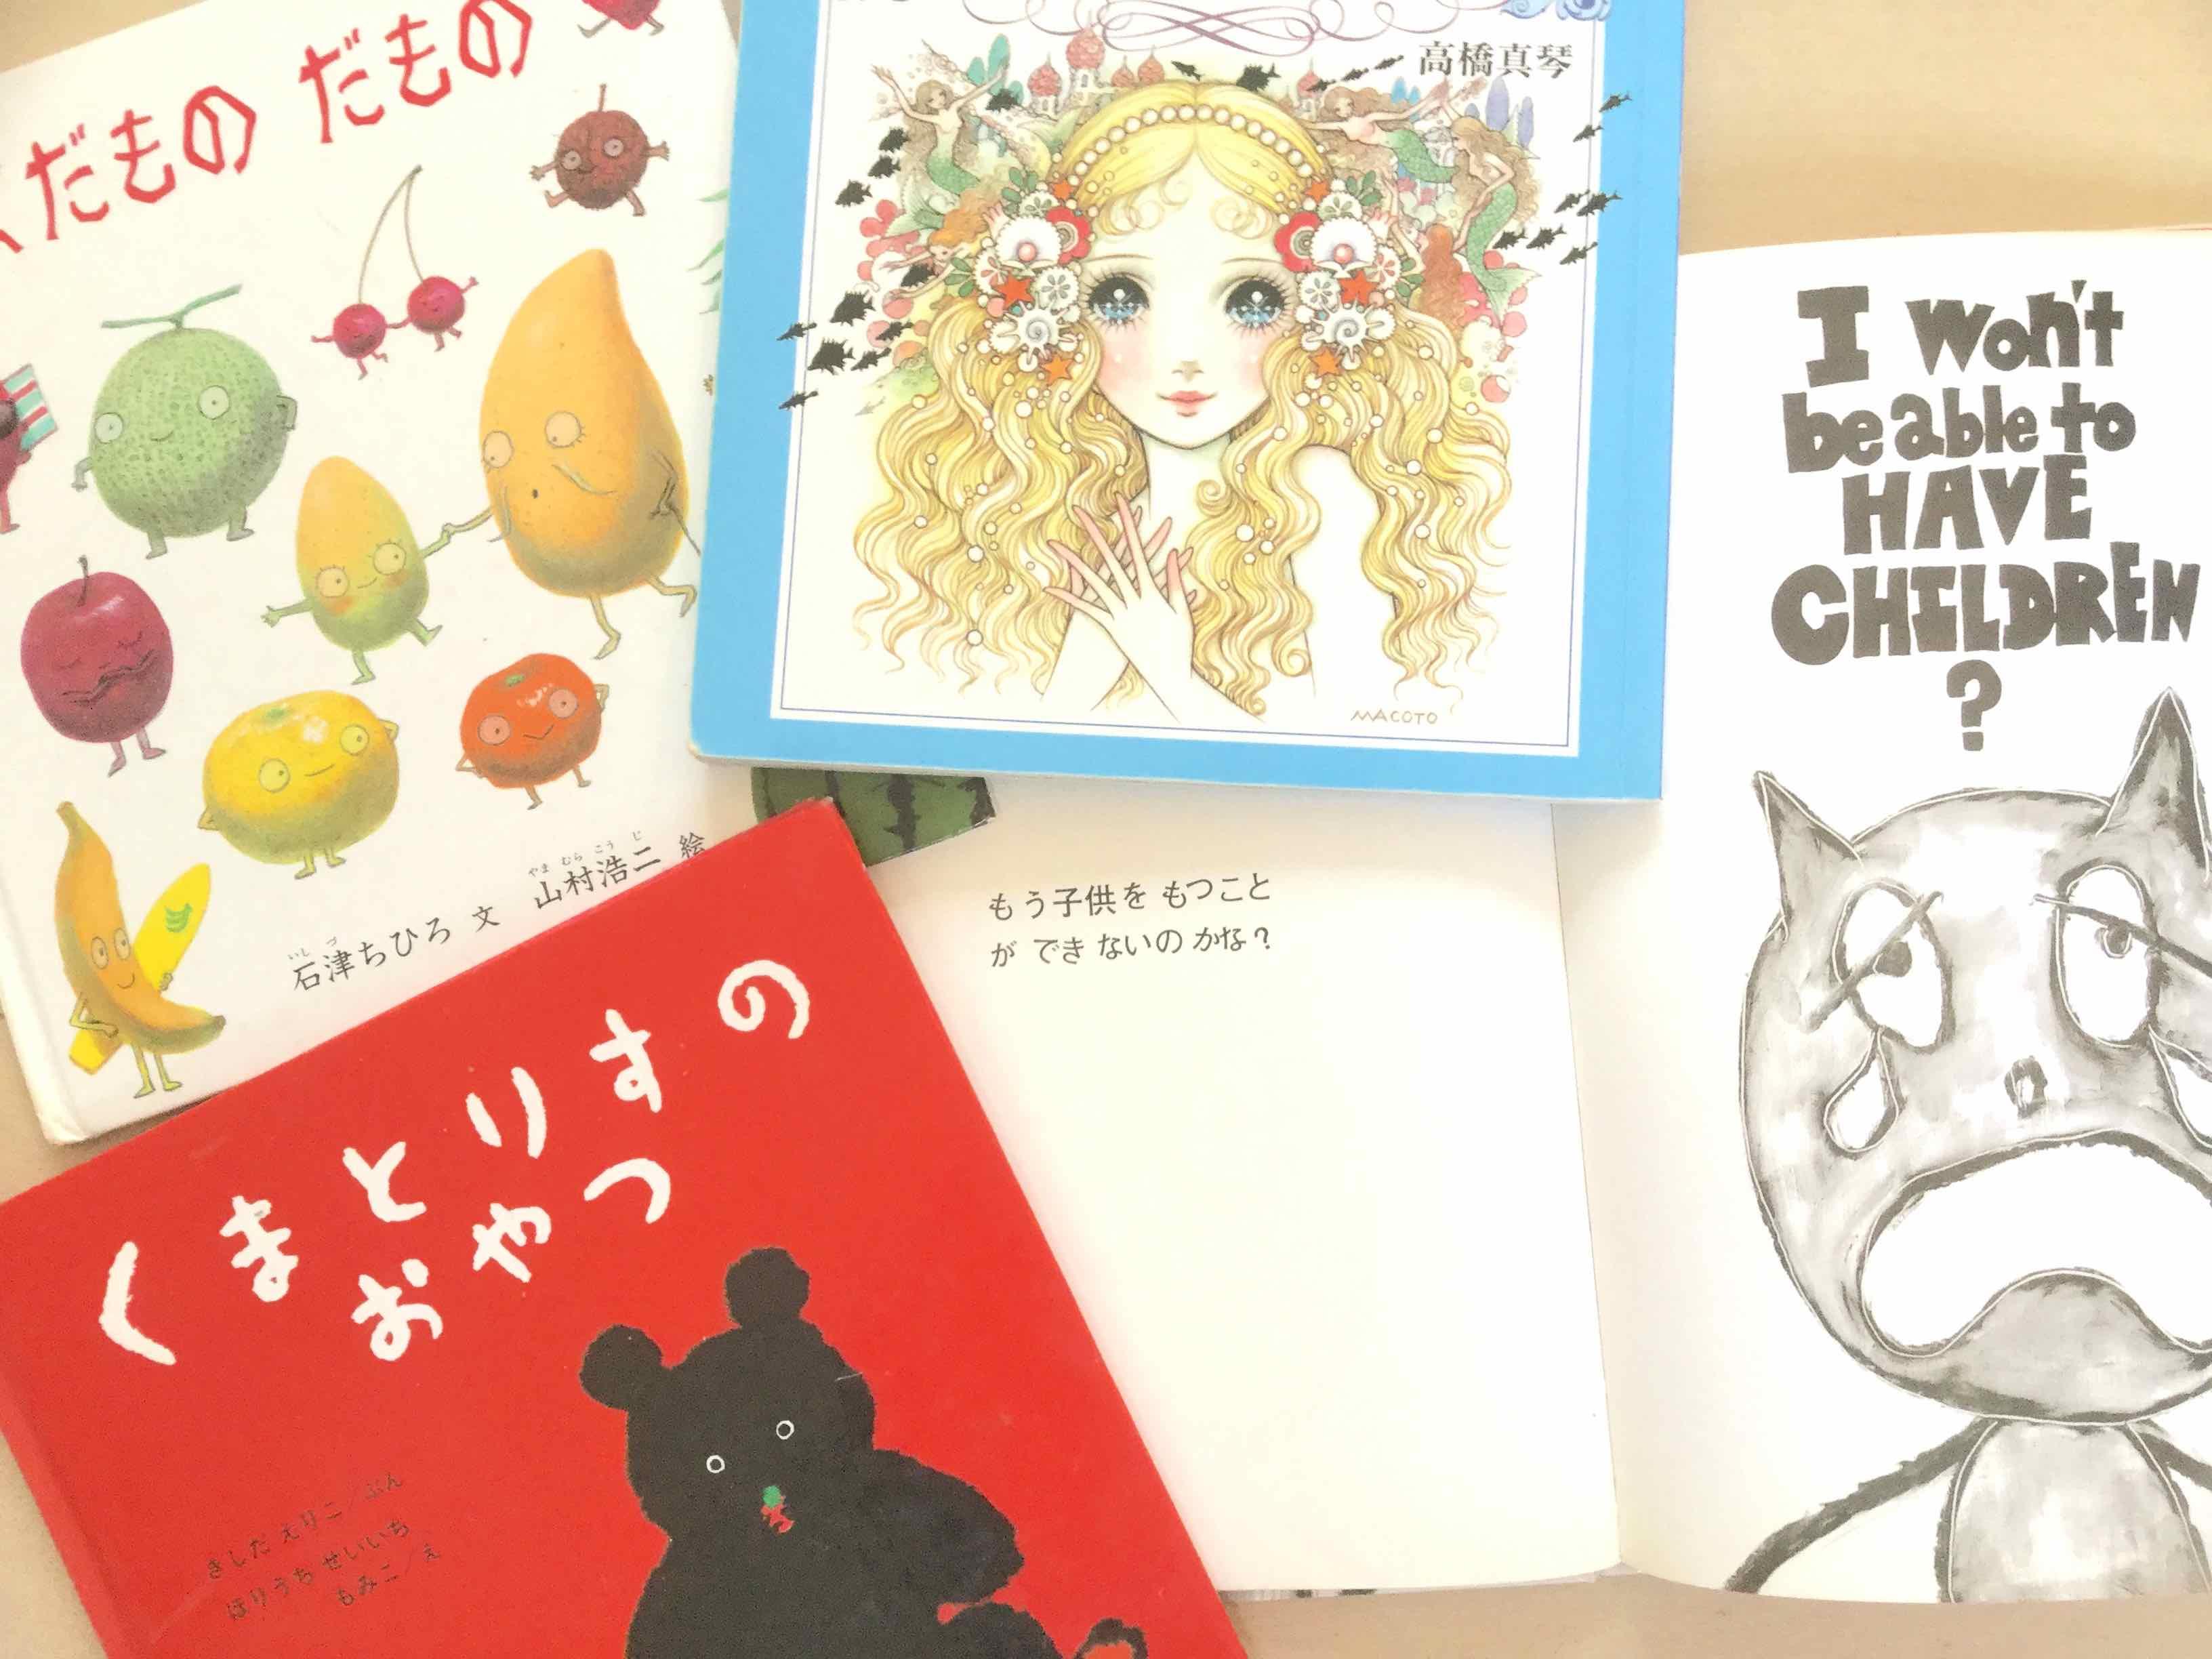 文化系ママも嬉しい☆本当に子どもが喜ぶおすすめ絵本30選